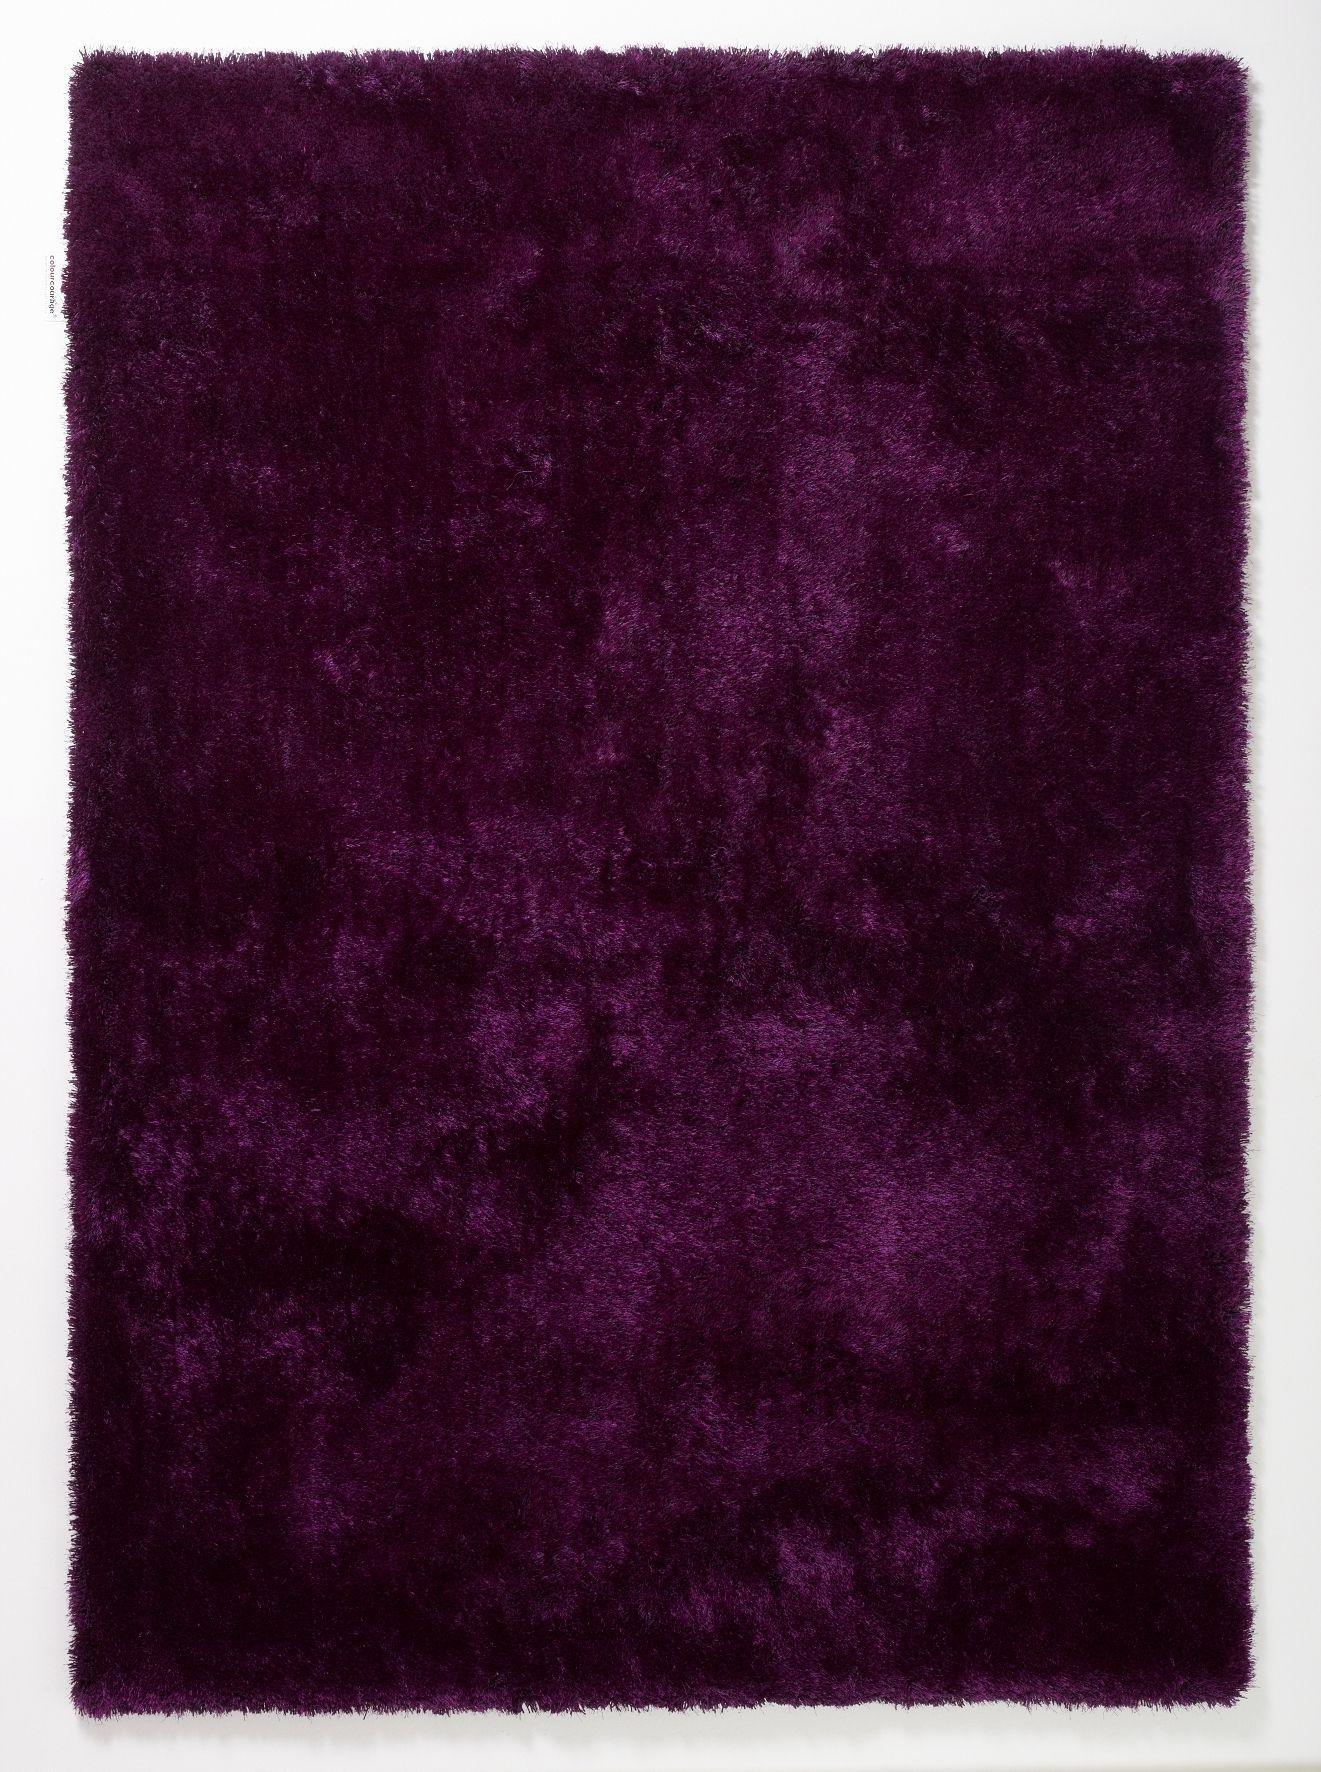 Teppich Aubergine Lila 140 X 200 Cm Colourcourage Online Kaufen Bei Woonio Teppich Haus Deko Teppich Online Kaufen